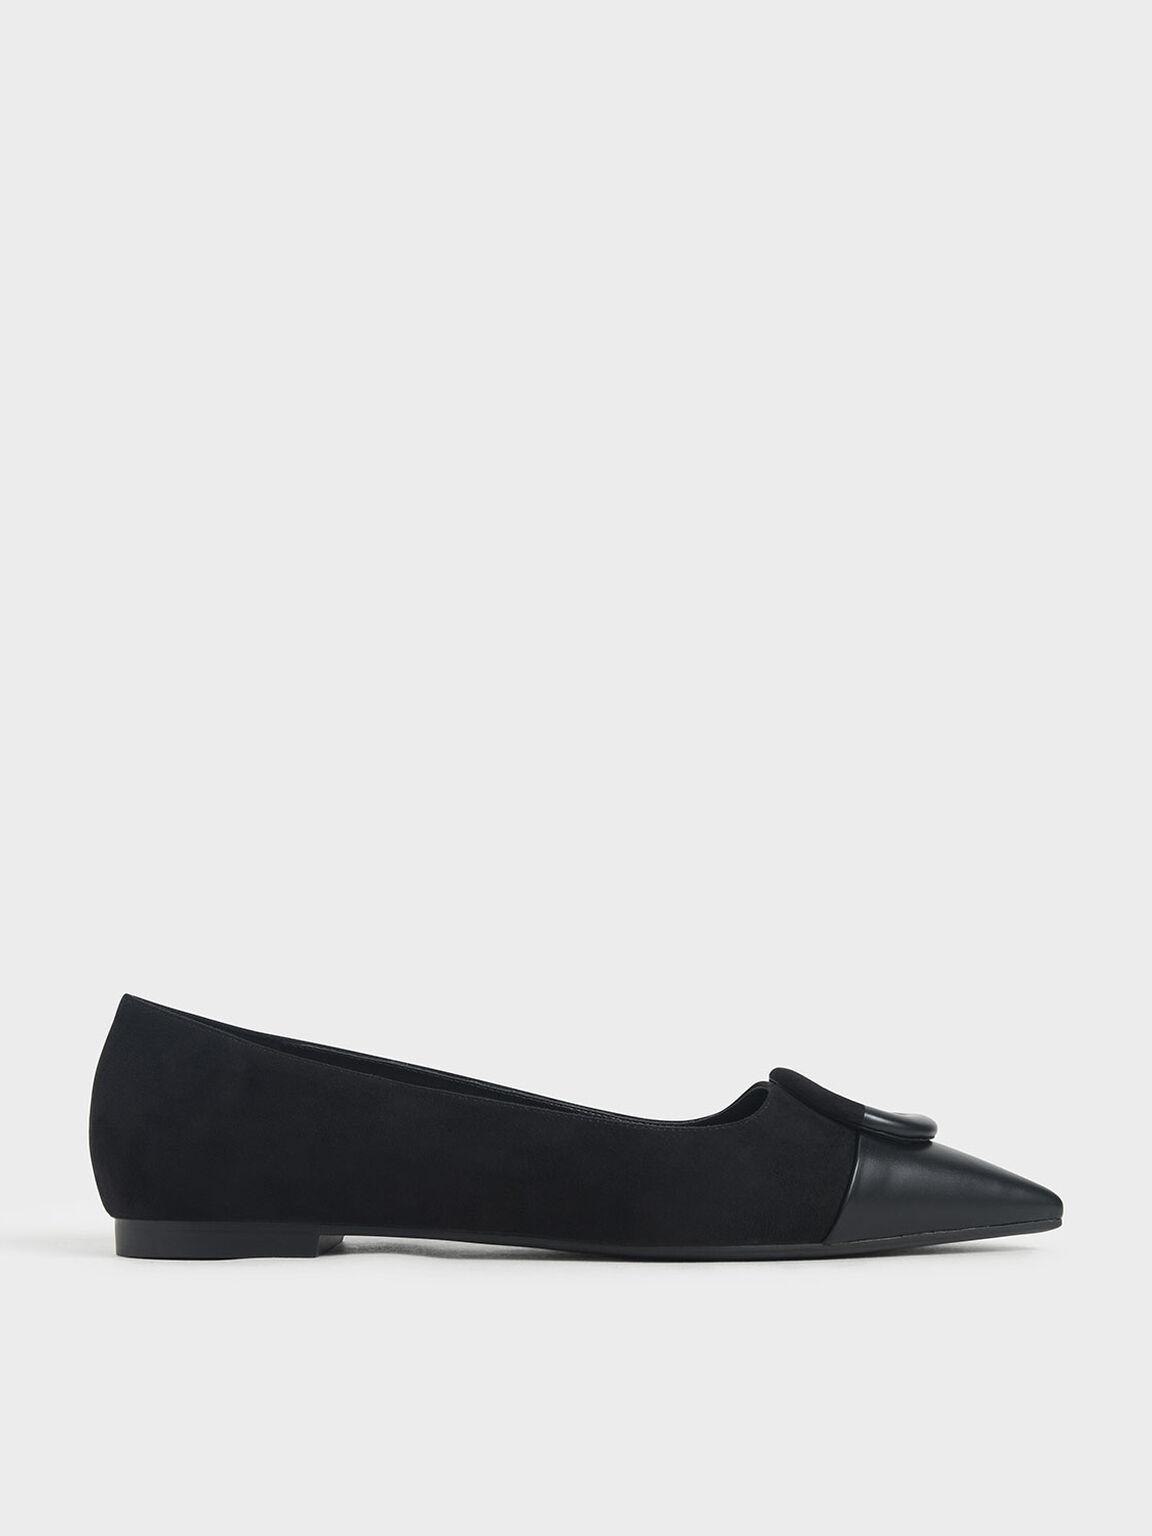 Mismatched Ballerina Flats, Black, hi-res